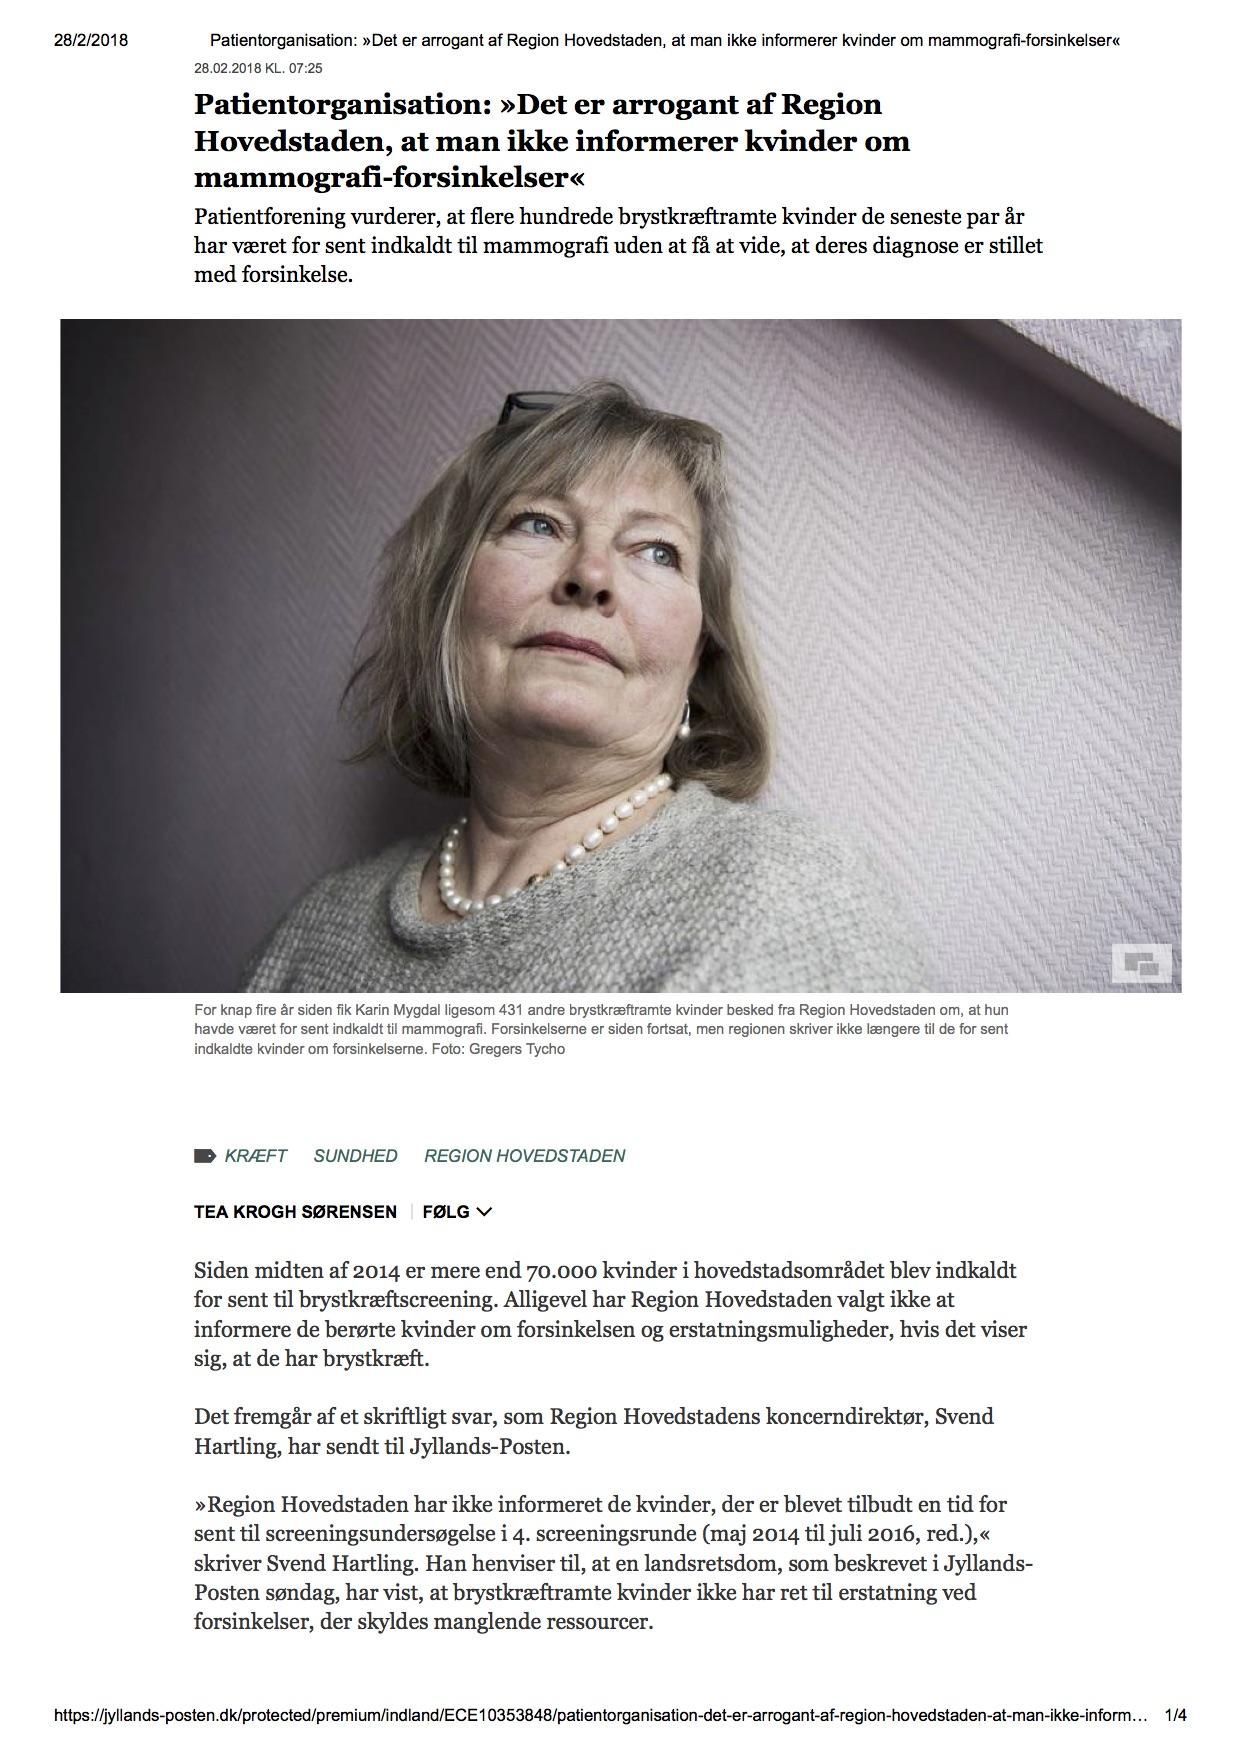 Patientorganisation_ »Det er arrogant af Region Hovedstaden, at man ikke informerer kvinder om mammografi-forsinkelser«.jpg